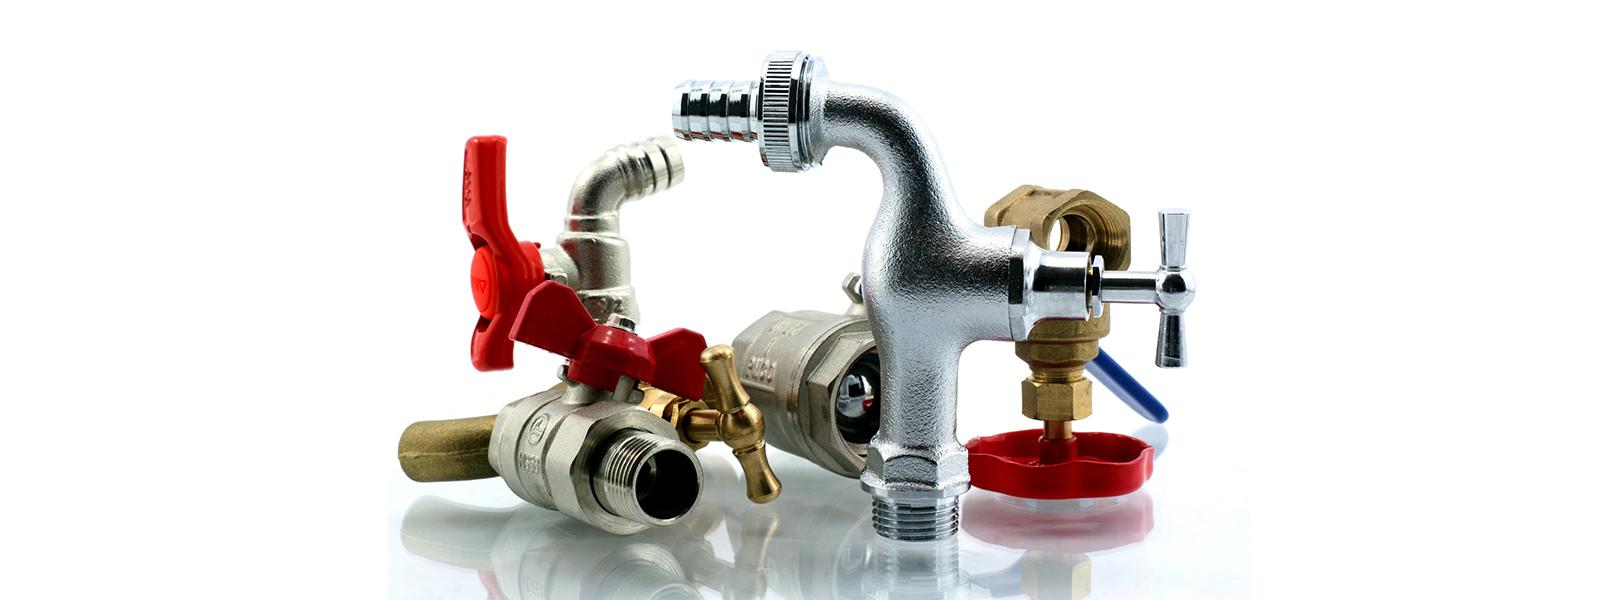 Streatham Maxmatic Waste Disposal Repairs And Sales Disposal Repairs And Service